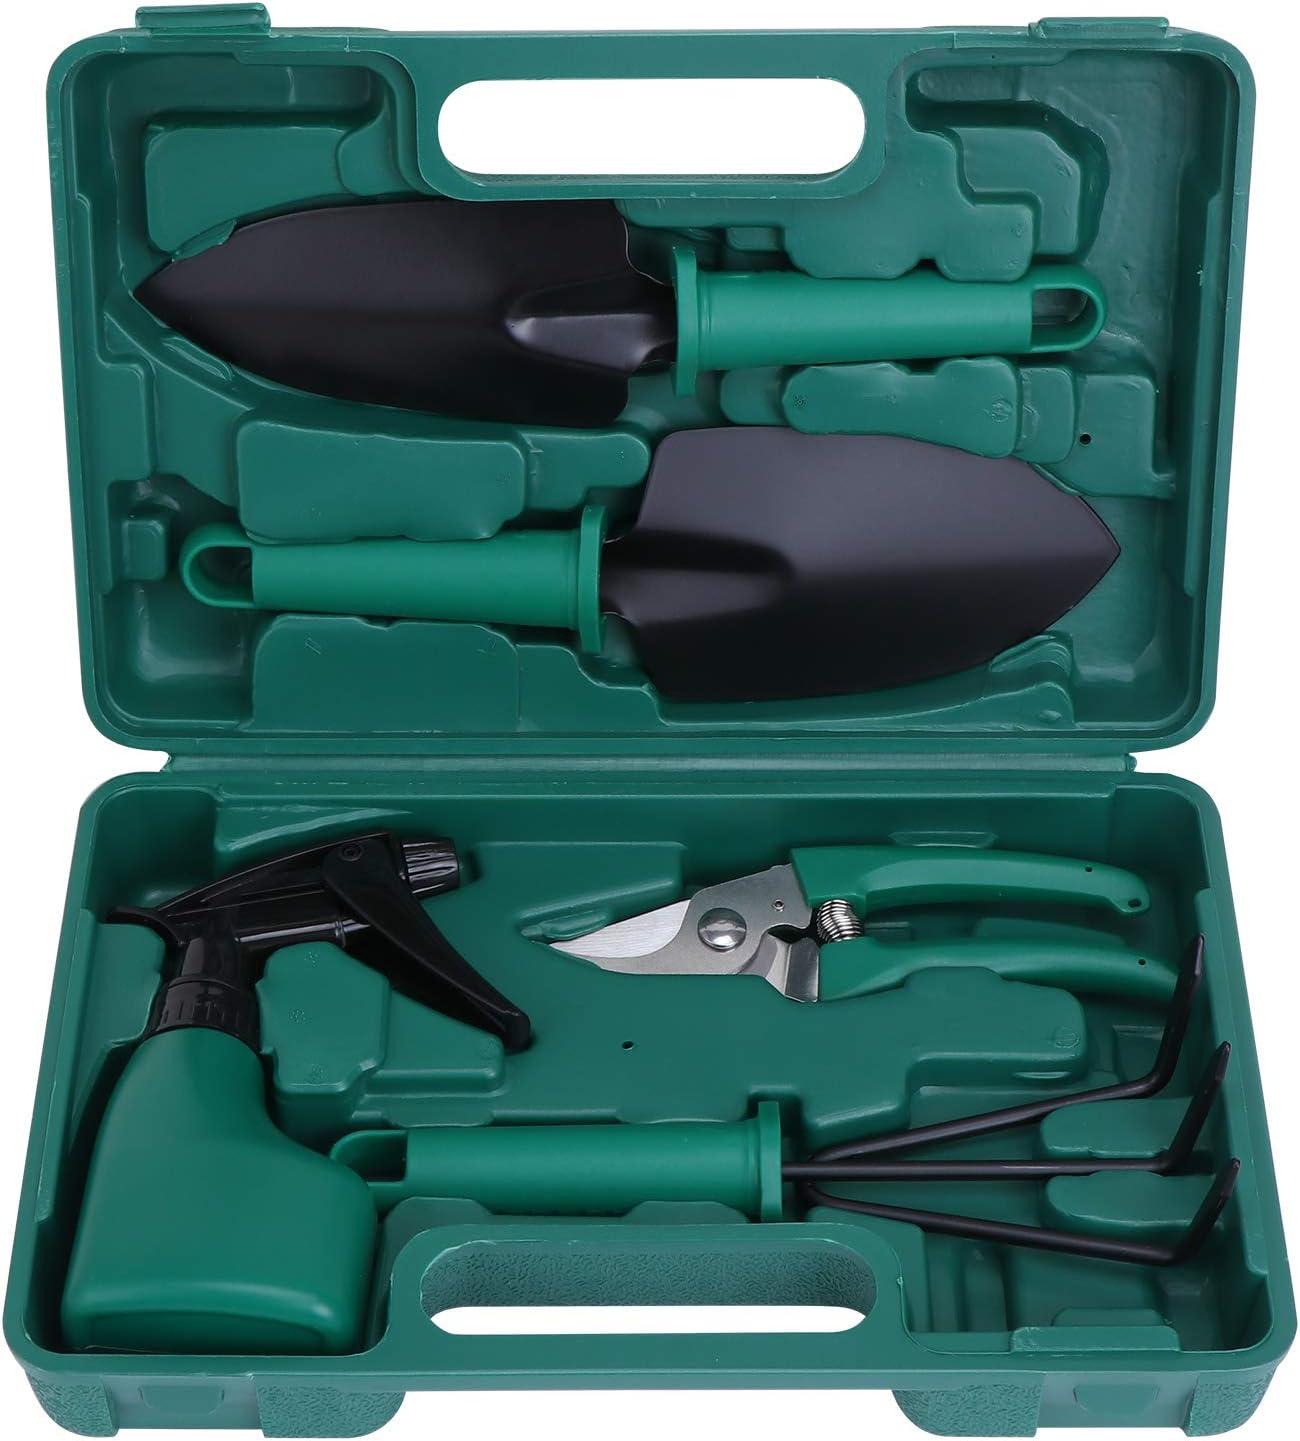 KEESIN Juego de herramientas de mano para jardín, kit de plantación, herramienta de trabajo de jardín, regalo para los amantes de la degradación, 5 fotos